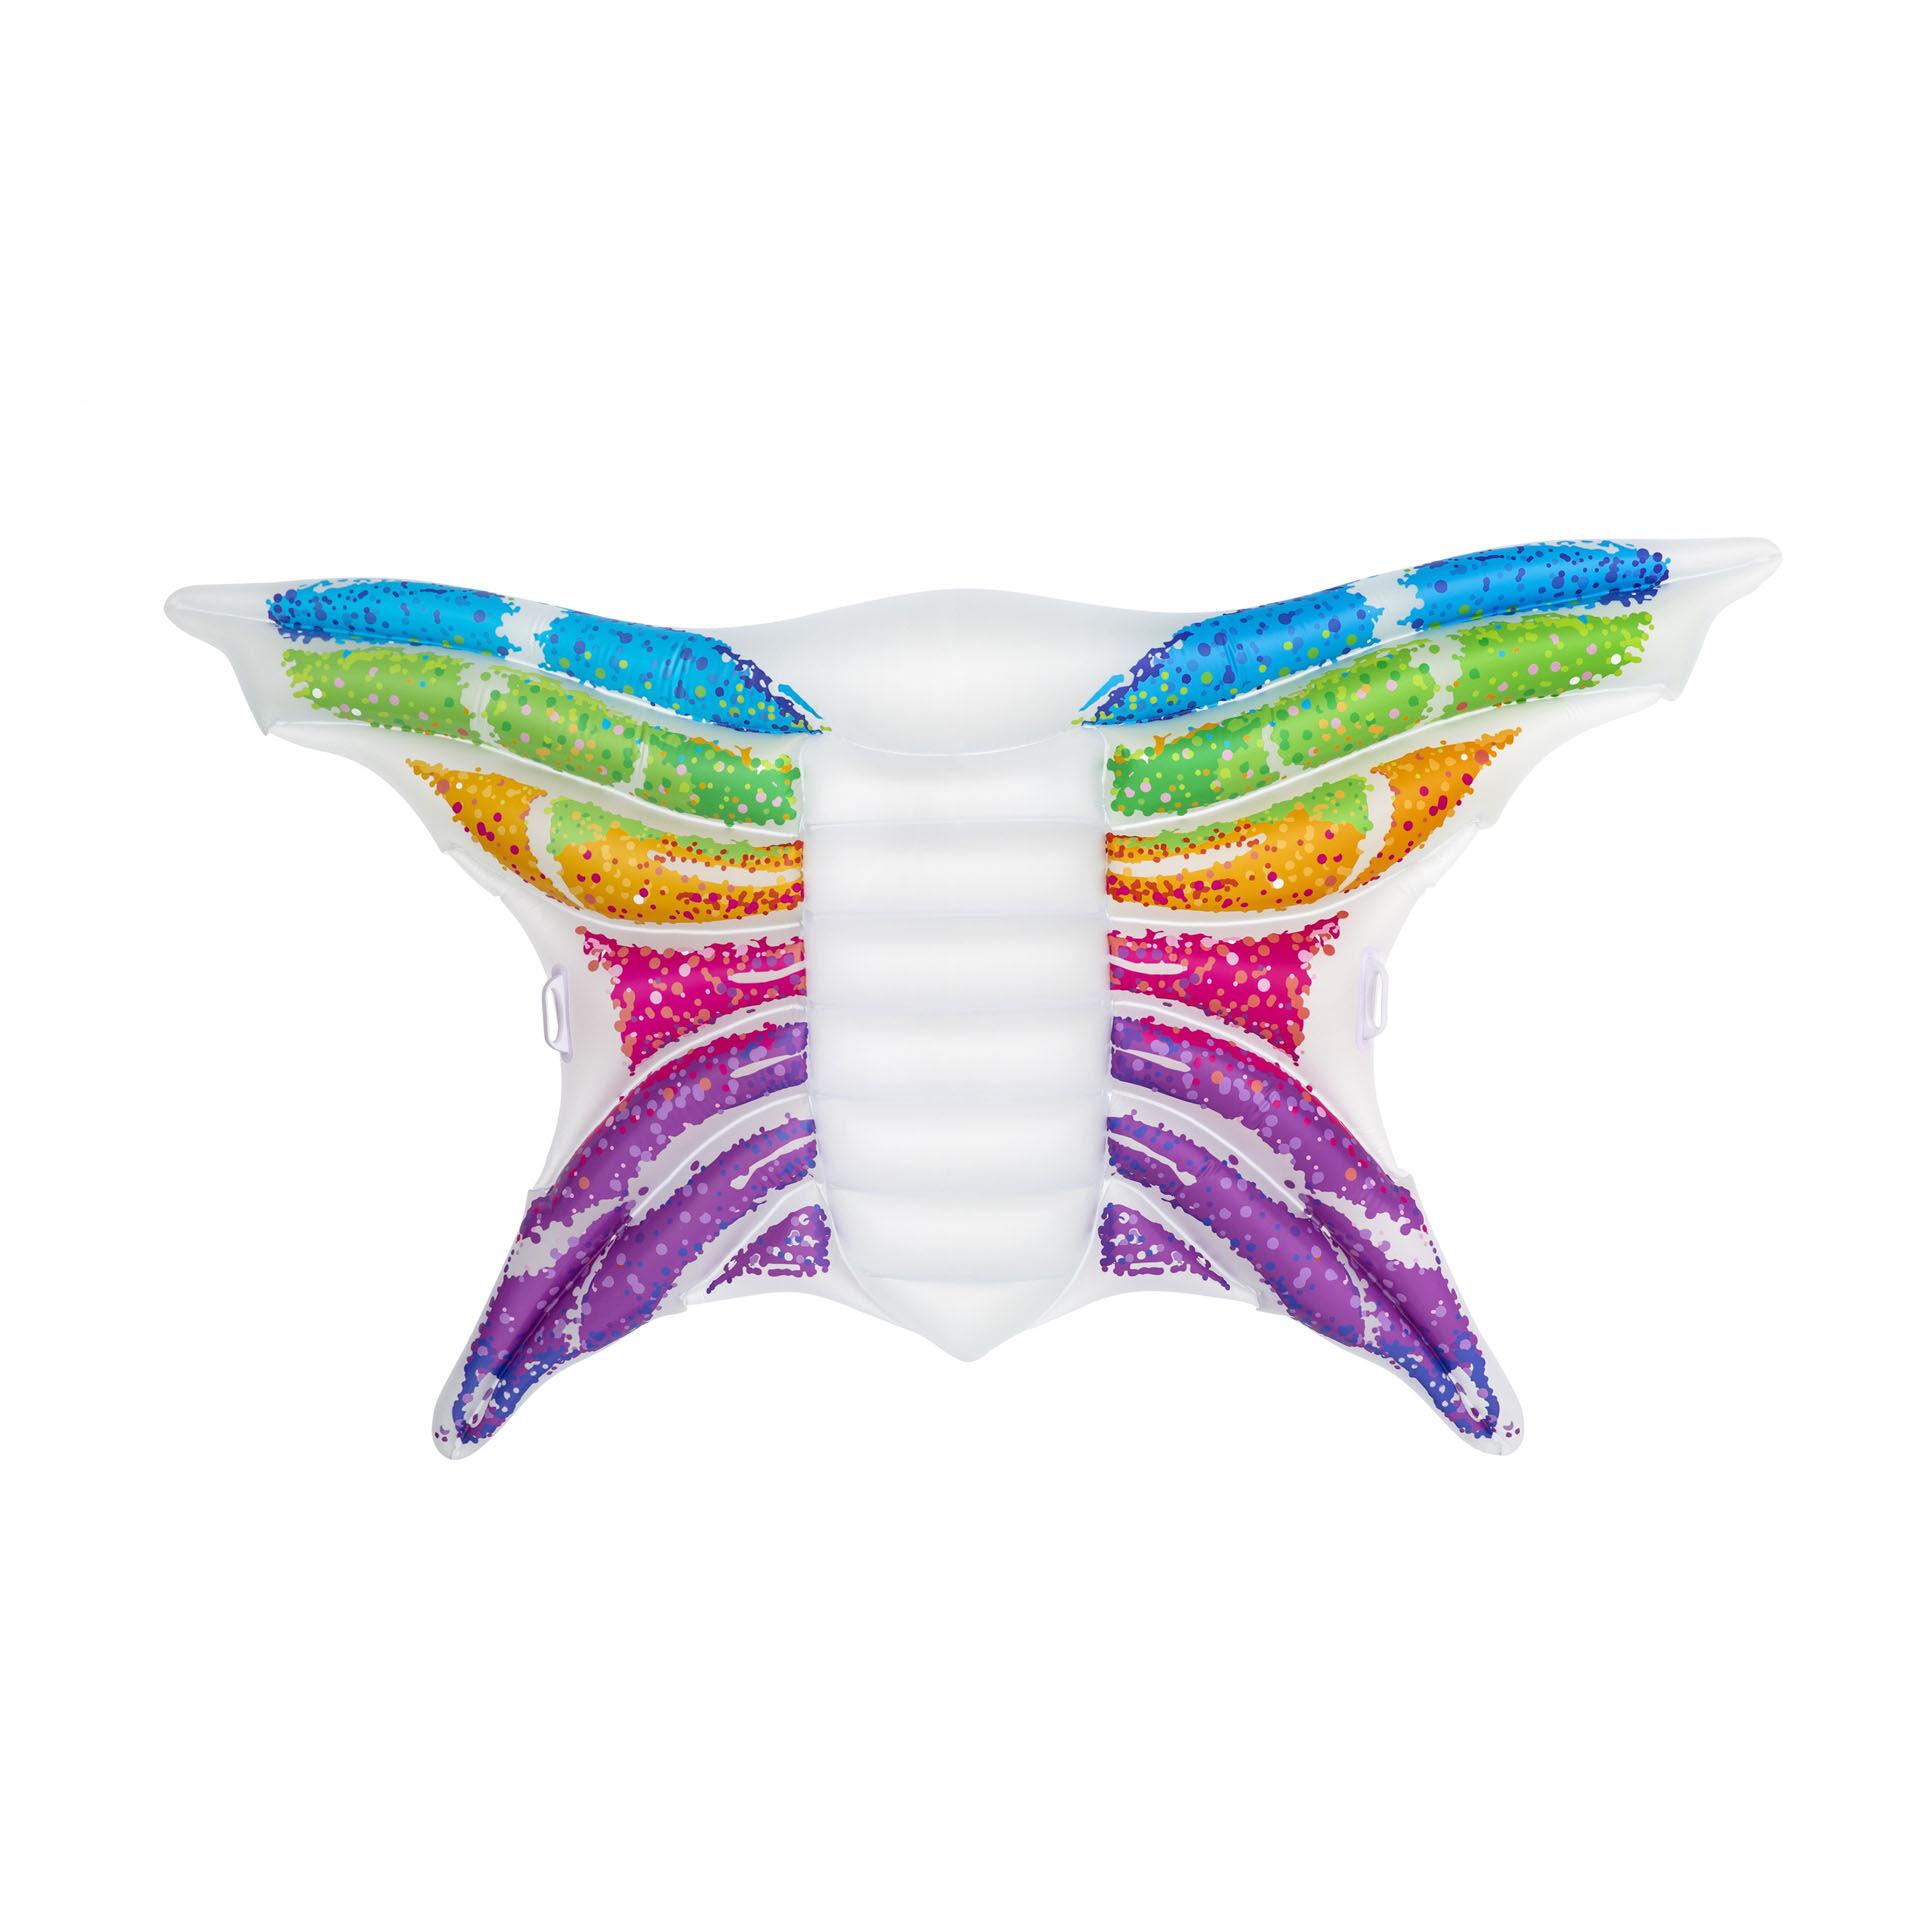 Maxi matelas gonflable papillon, , large